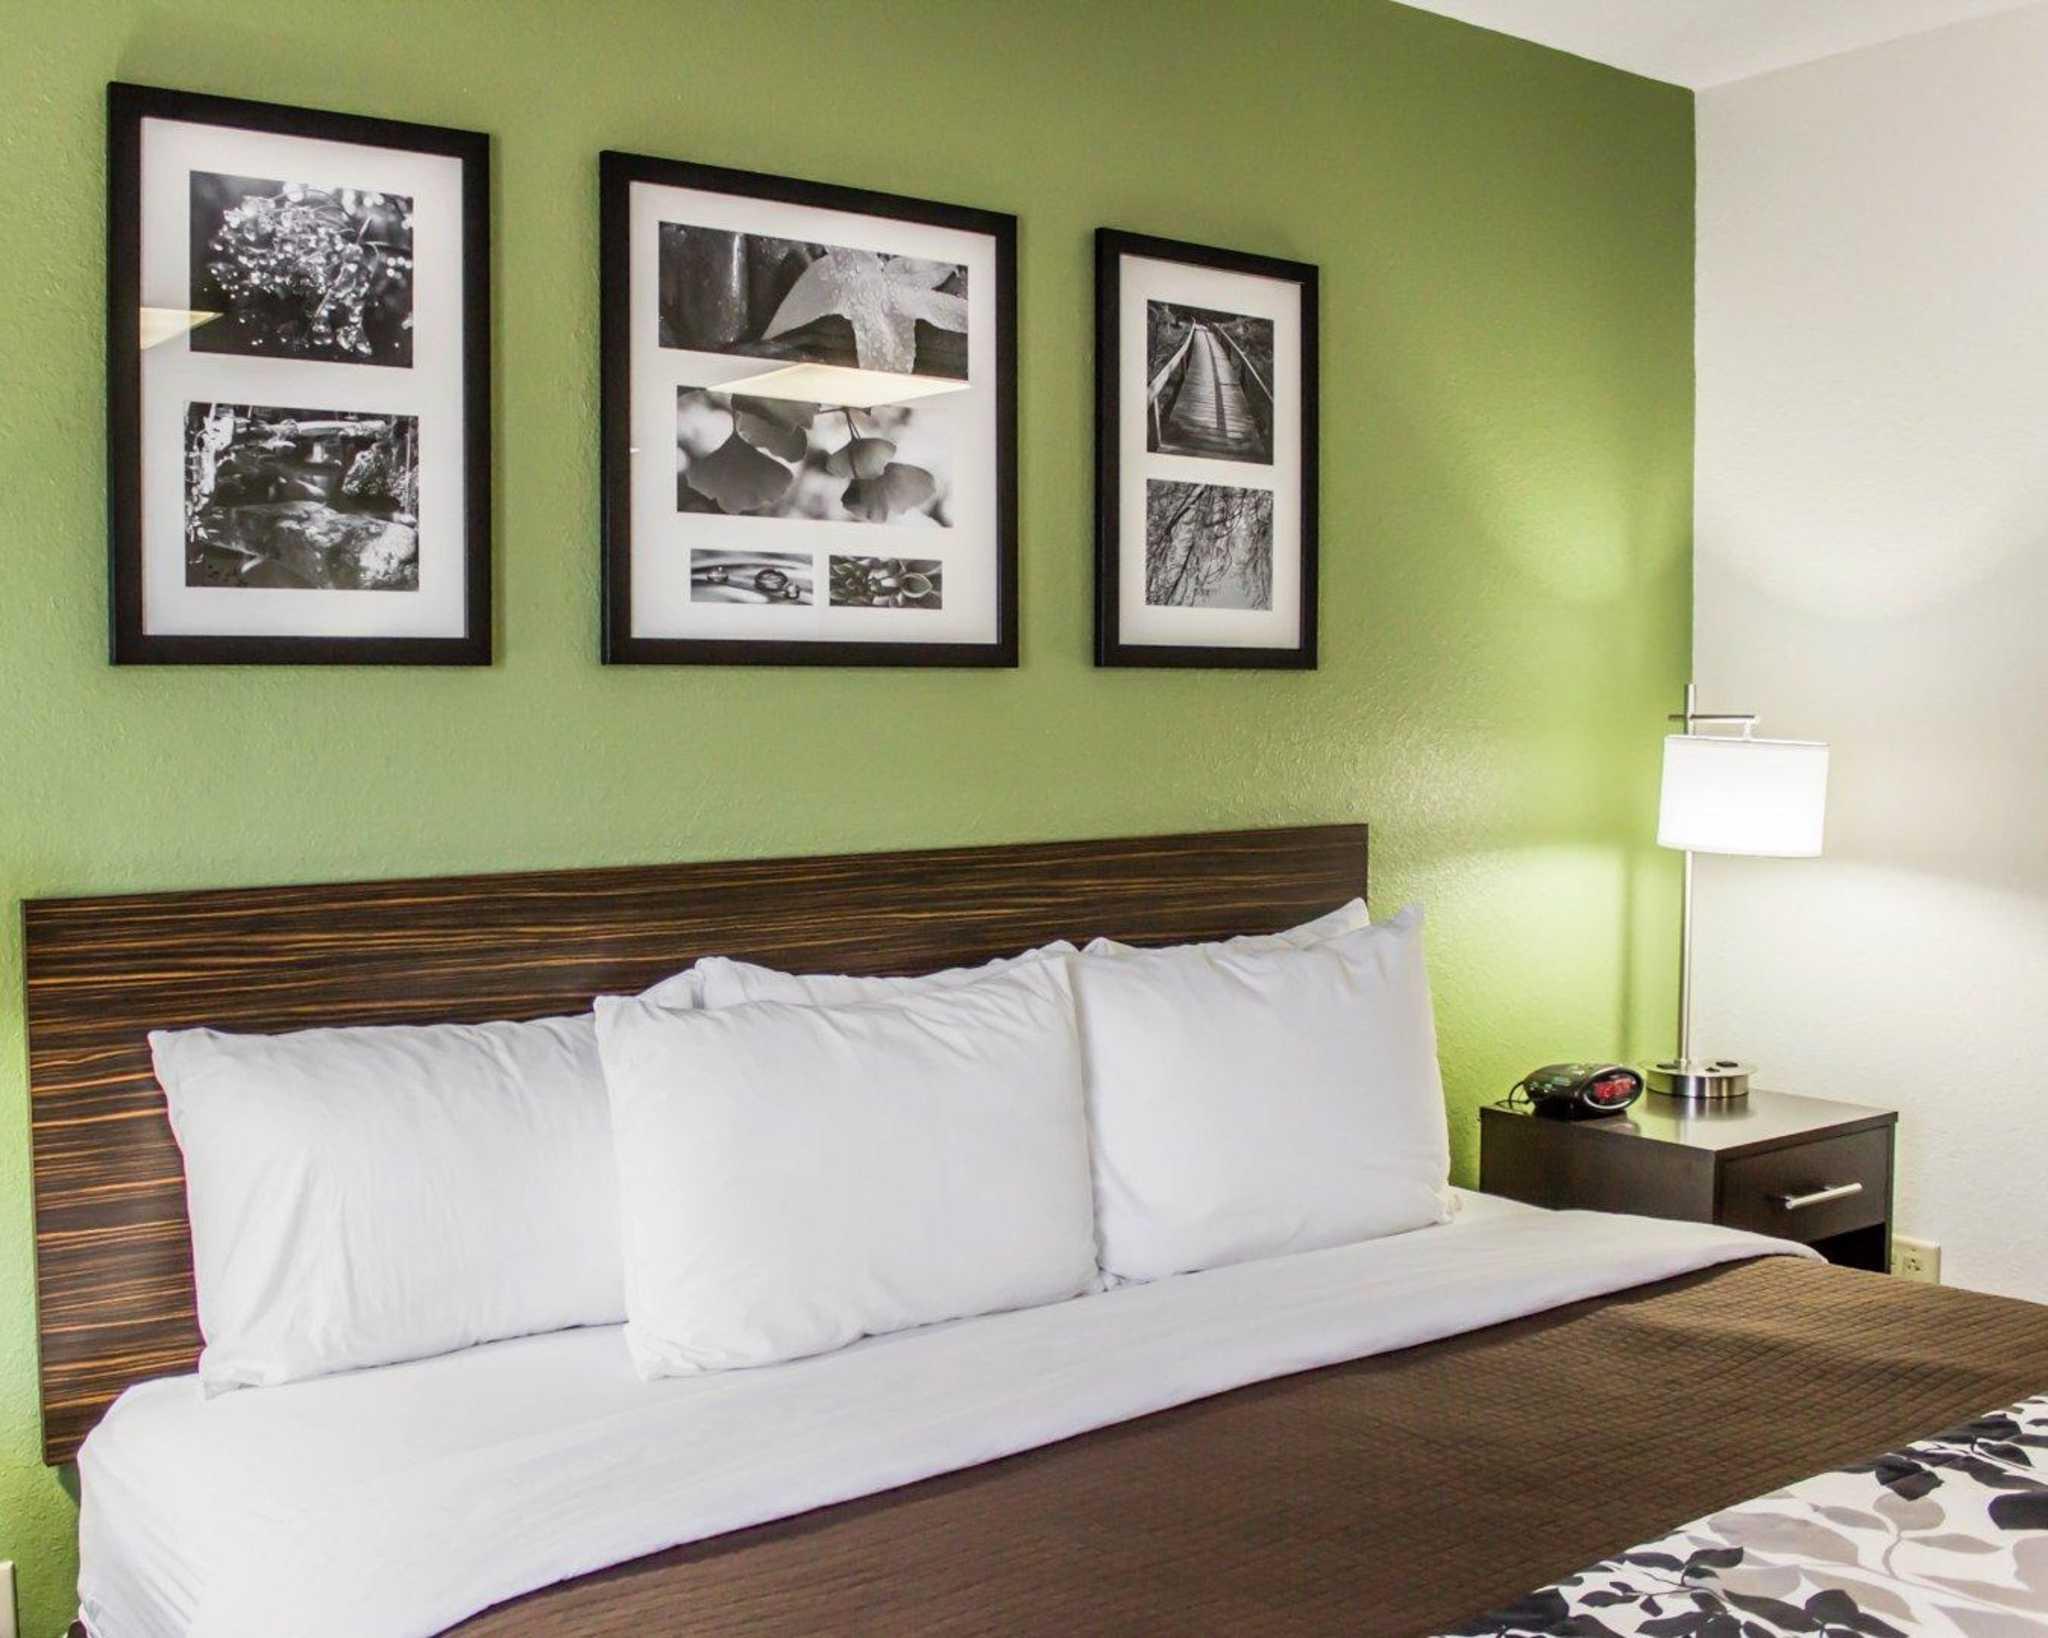 Sleep Inn image 31